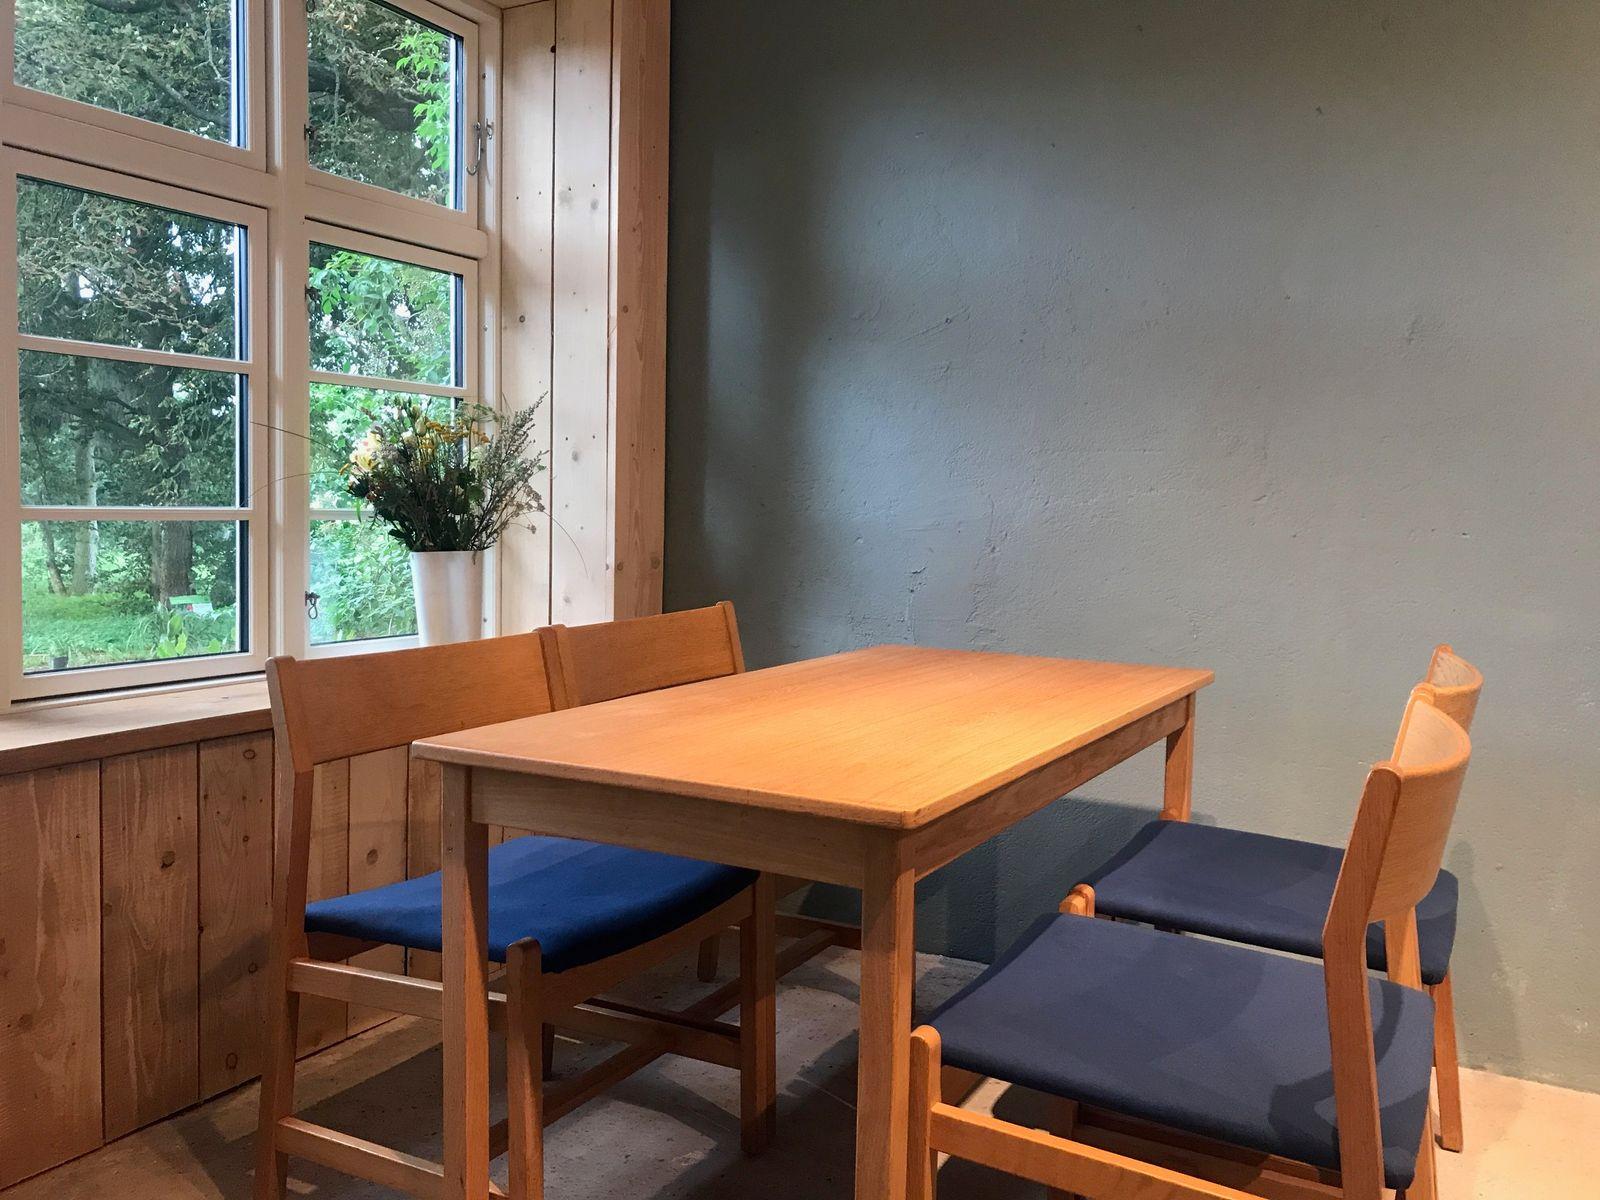 d nischer vintage teak esstisch mit vier st hlen von b rge mogensen f r fredericia bei pamono kaufen. Black Bedroom Furniture Sets. Home Design Ideas